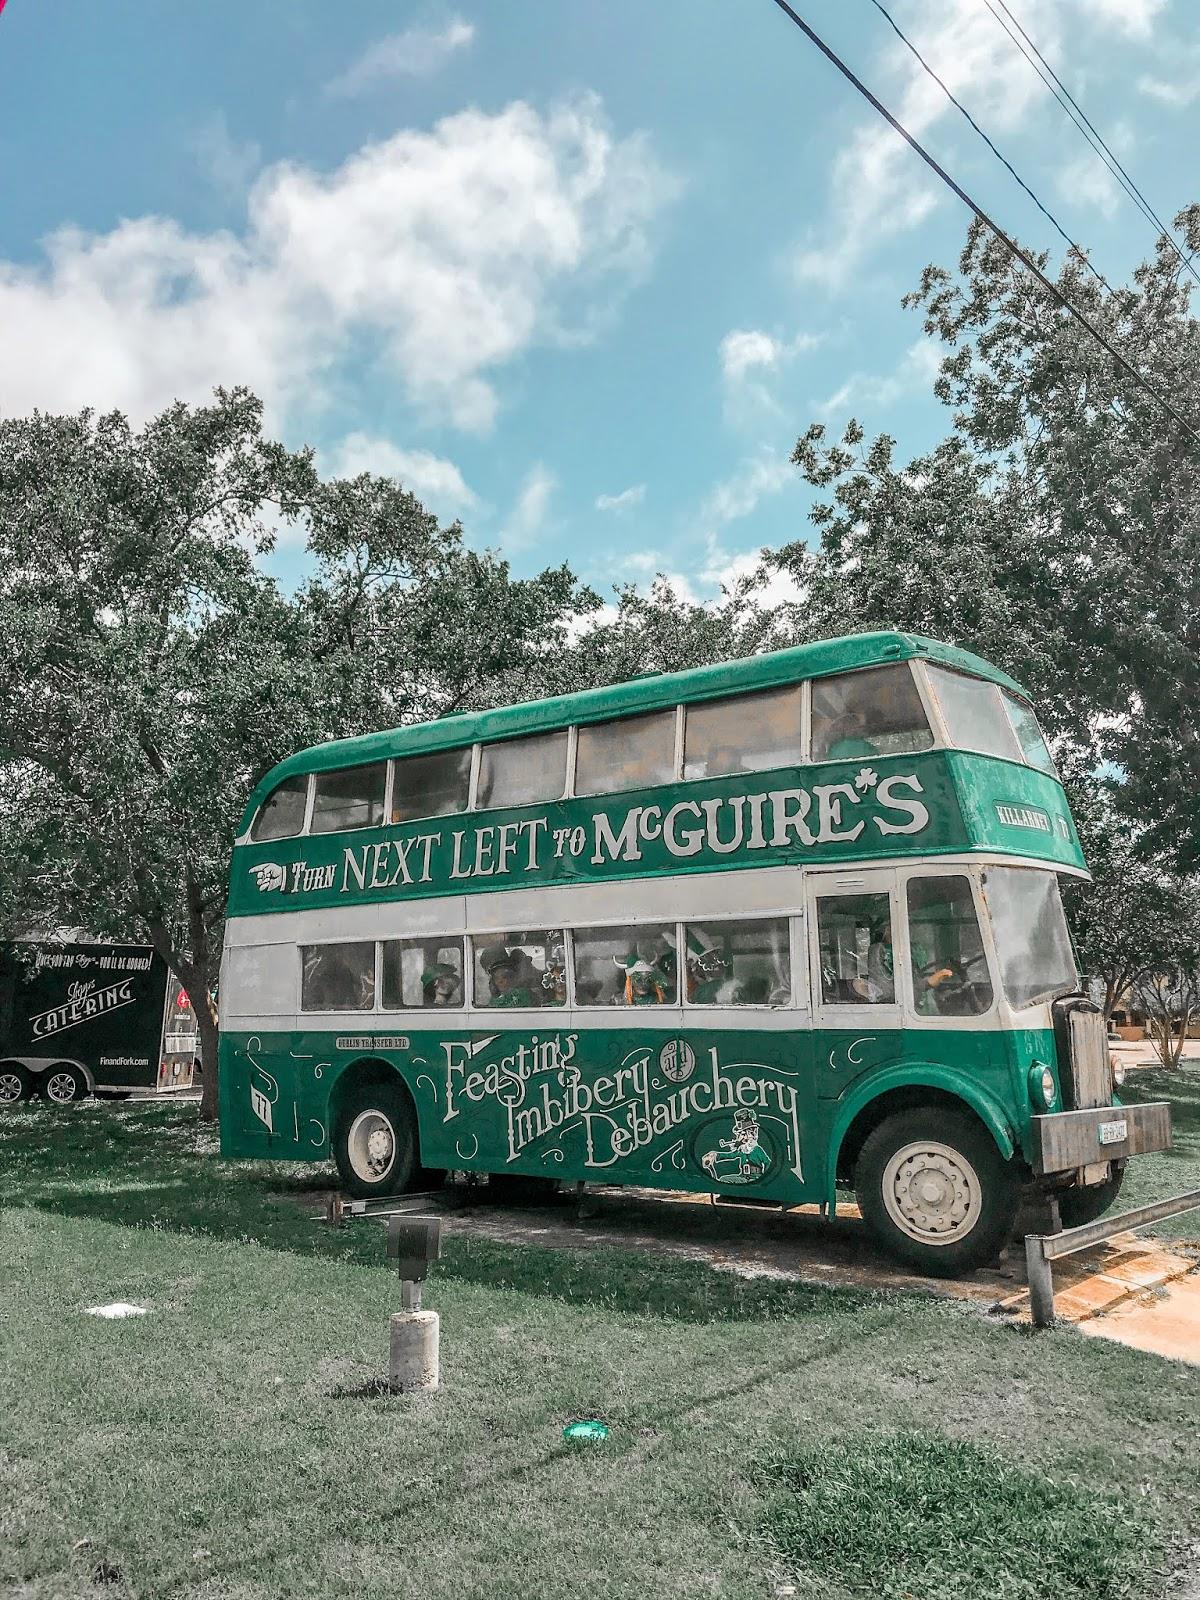 McGuire's Irish Pub in Pensacola